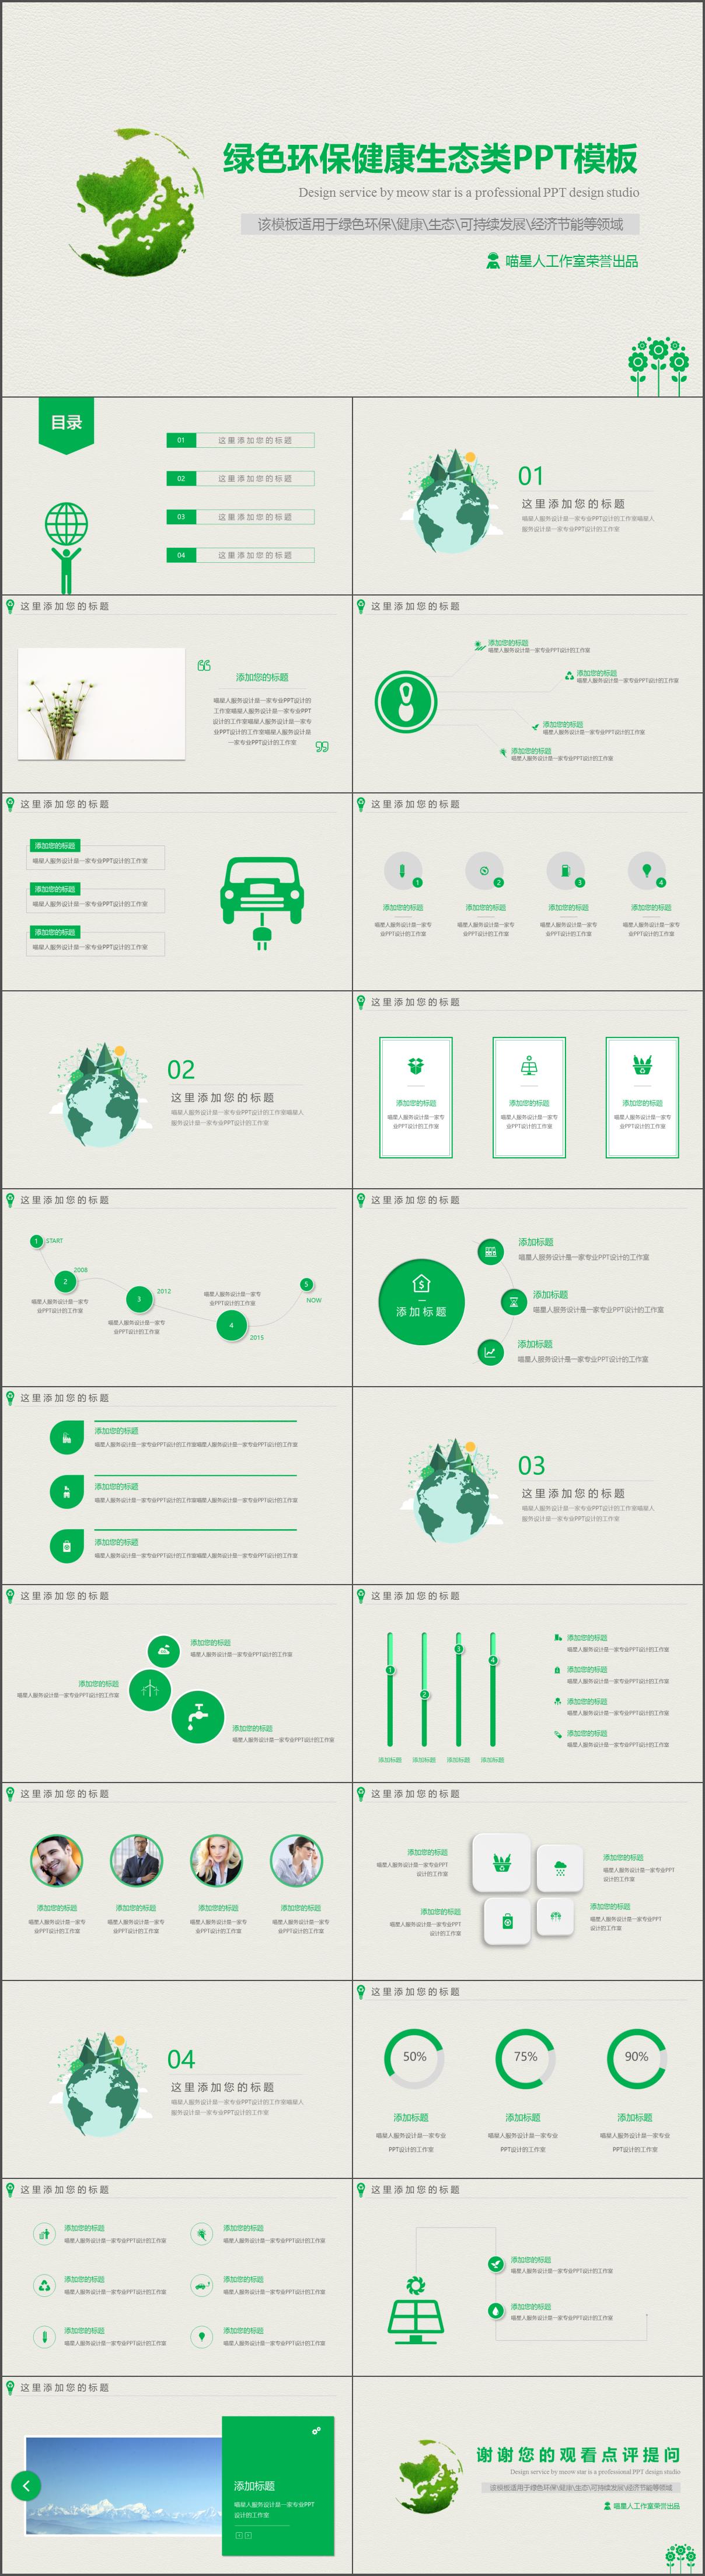 """免费ppt模板【生态环保】公益宣传生态环保工作计"""""""